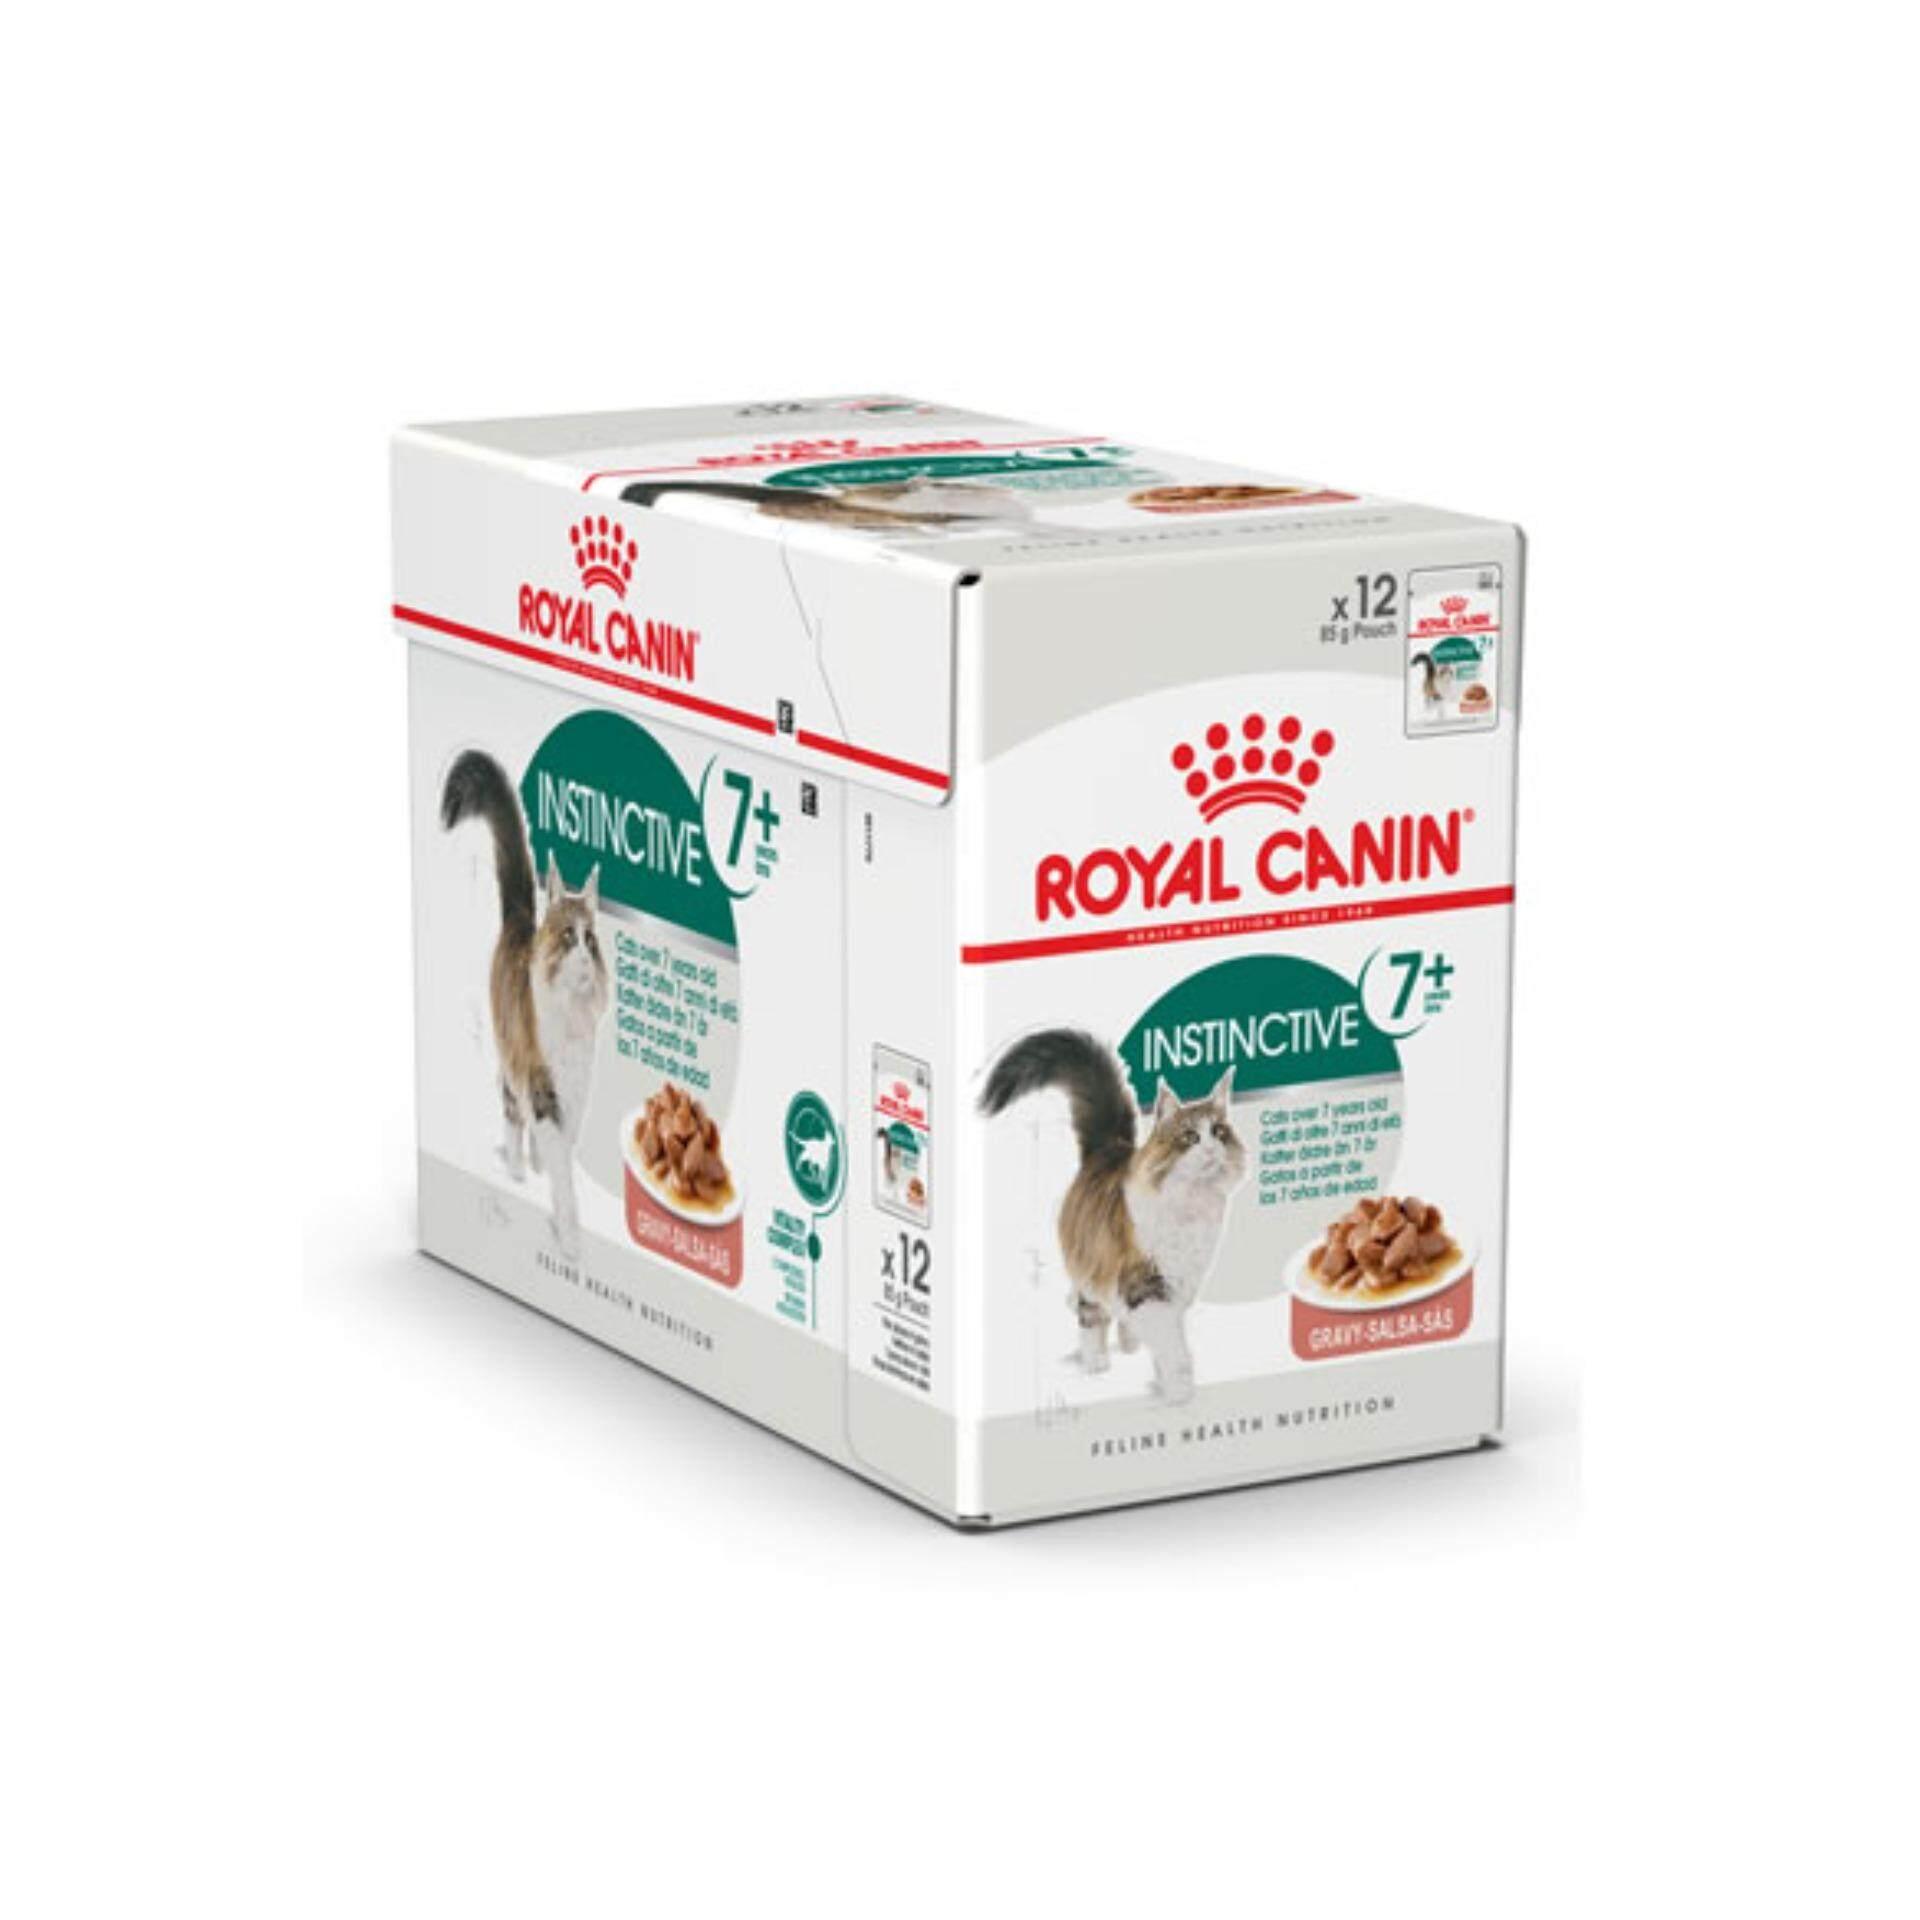 ขาย Royal Canin Instinctive 7 In Gravy 85 G X 24 Pouches โรยัลคานิน อาหารเปียกสำหรับแมวสูงอายุ 7 ปีขึ้นไป เกรวี่ 24 ซอง ใน ไทย